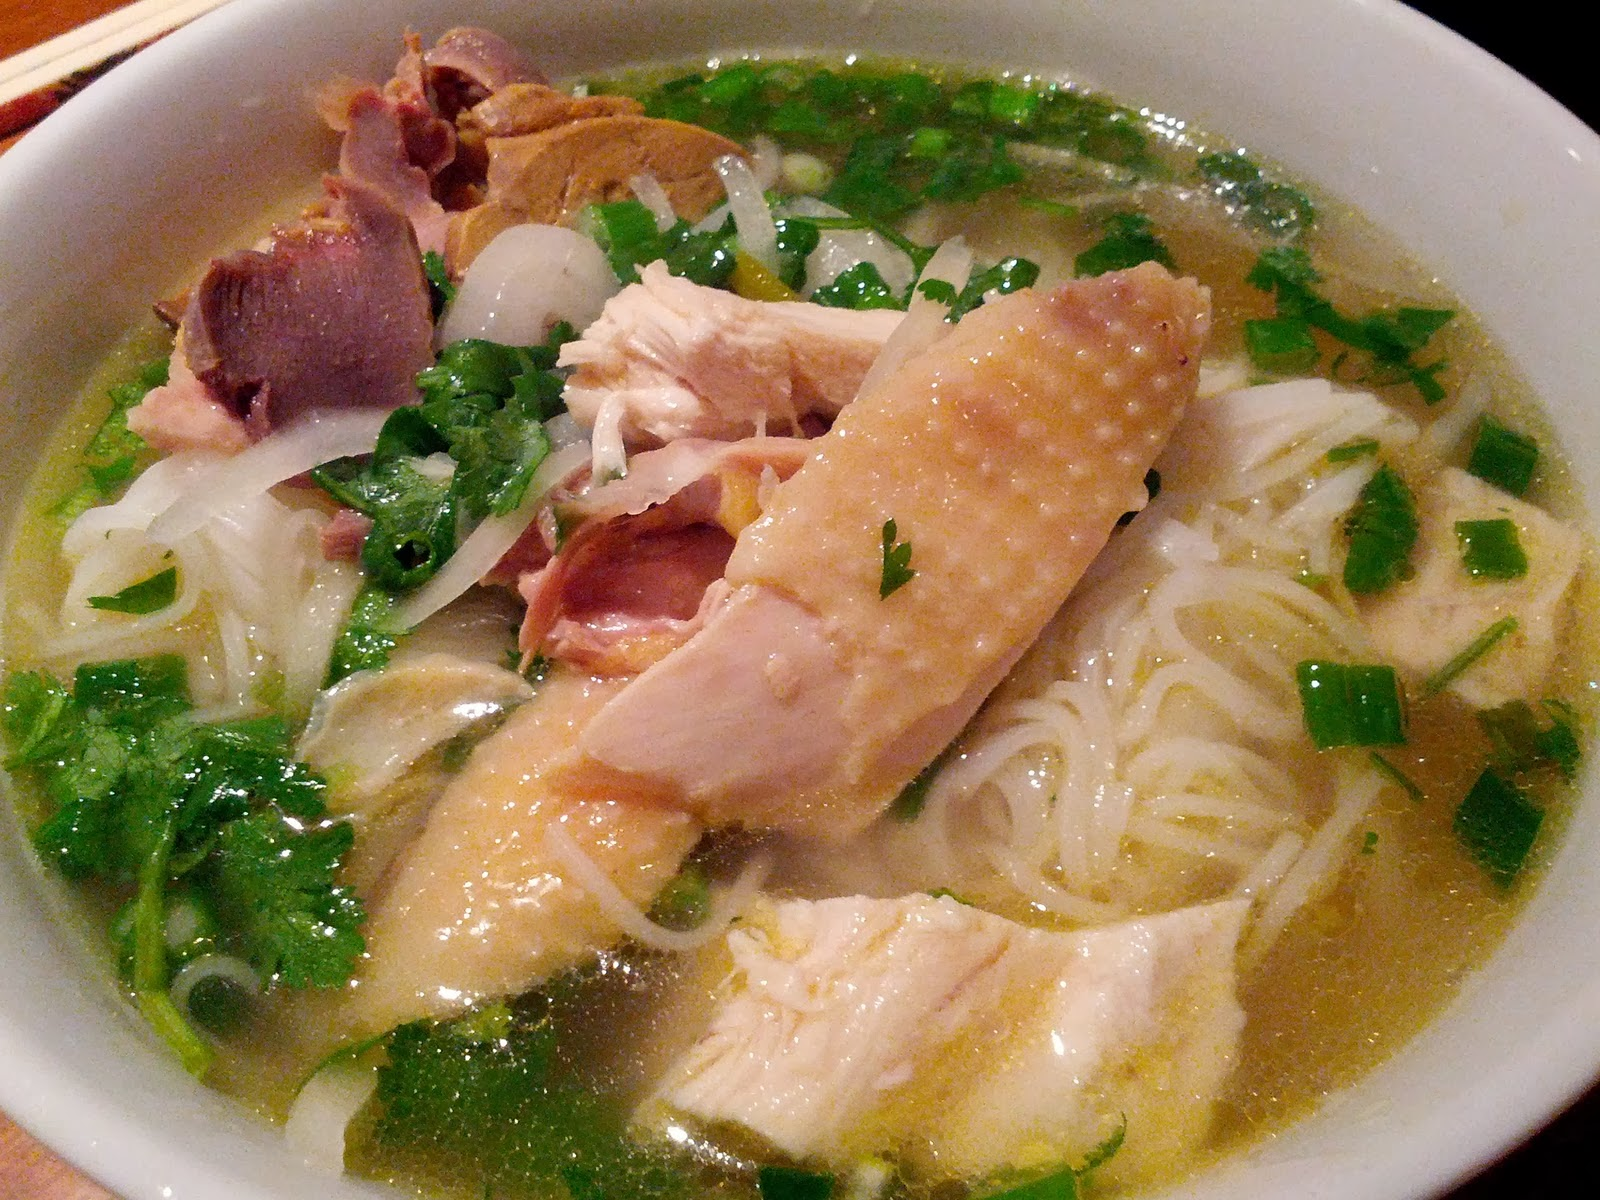 Pho noodles vietnamese food special vietnam wonders - Vietnamese cuisine pho ...